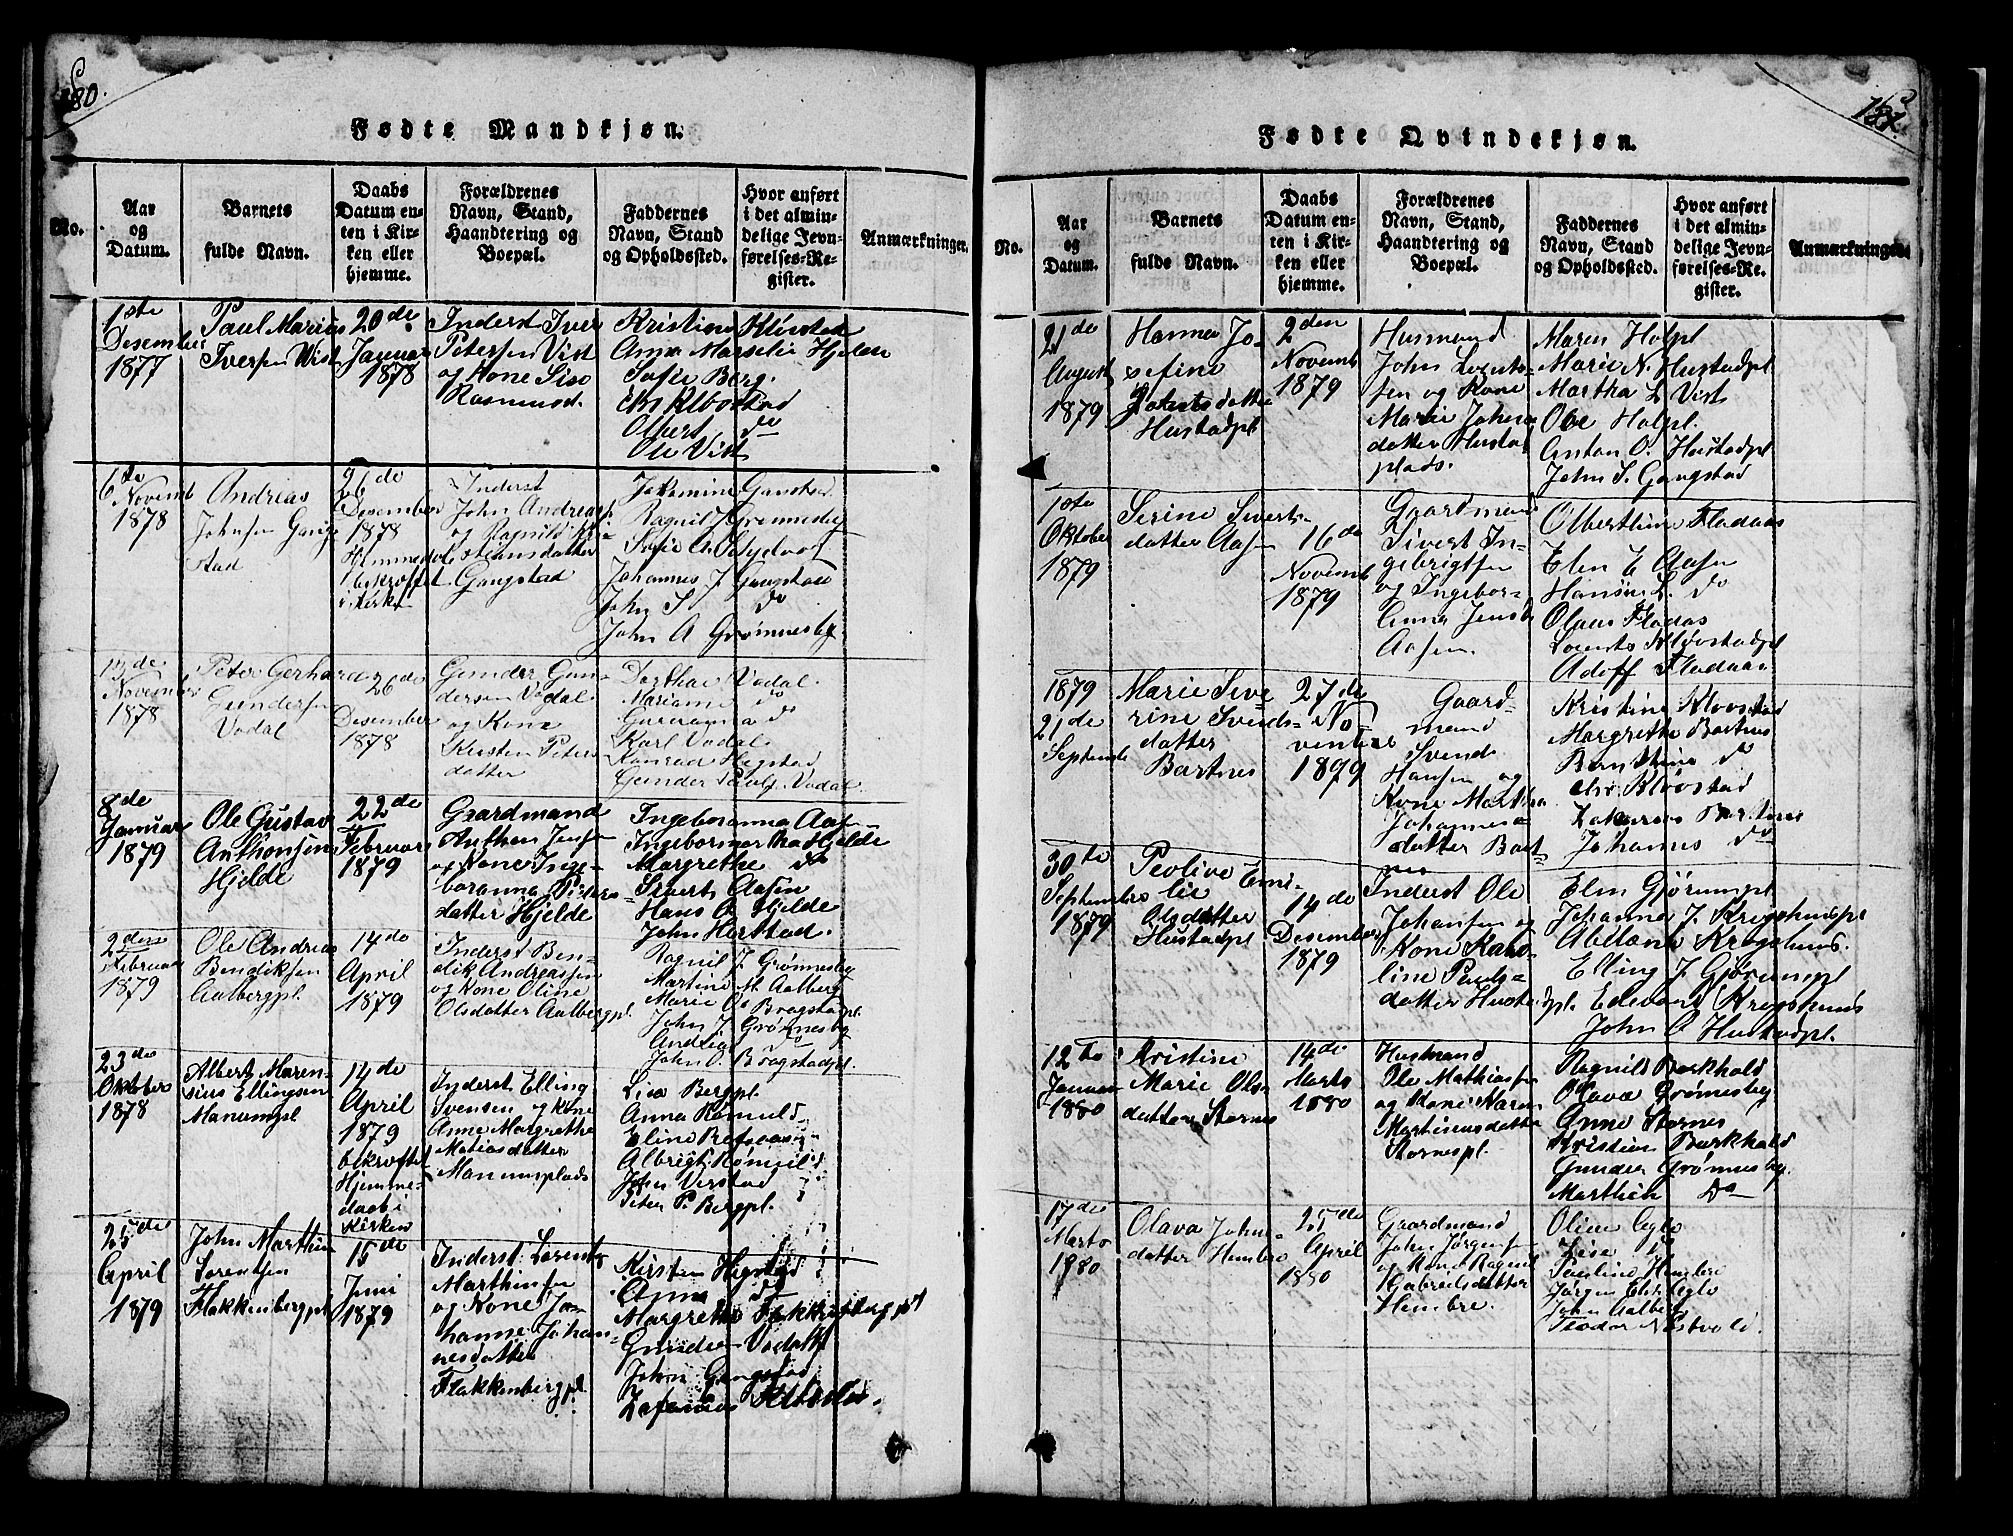 SAT, Ministerialprotokoller, klokkerbøker og fødselsregistre - Nord-Trøndelag, 732/L0317: Klokkerbok nr. 732C01, 1816-1881, s. 180-181